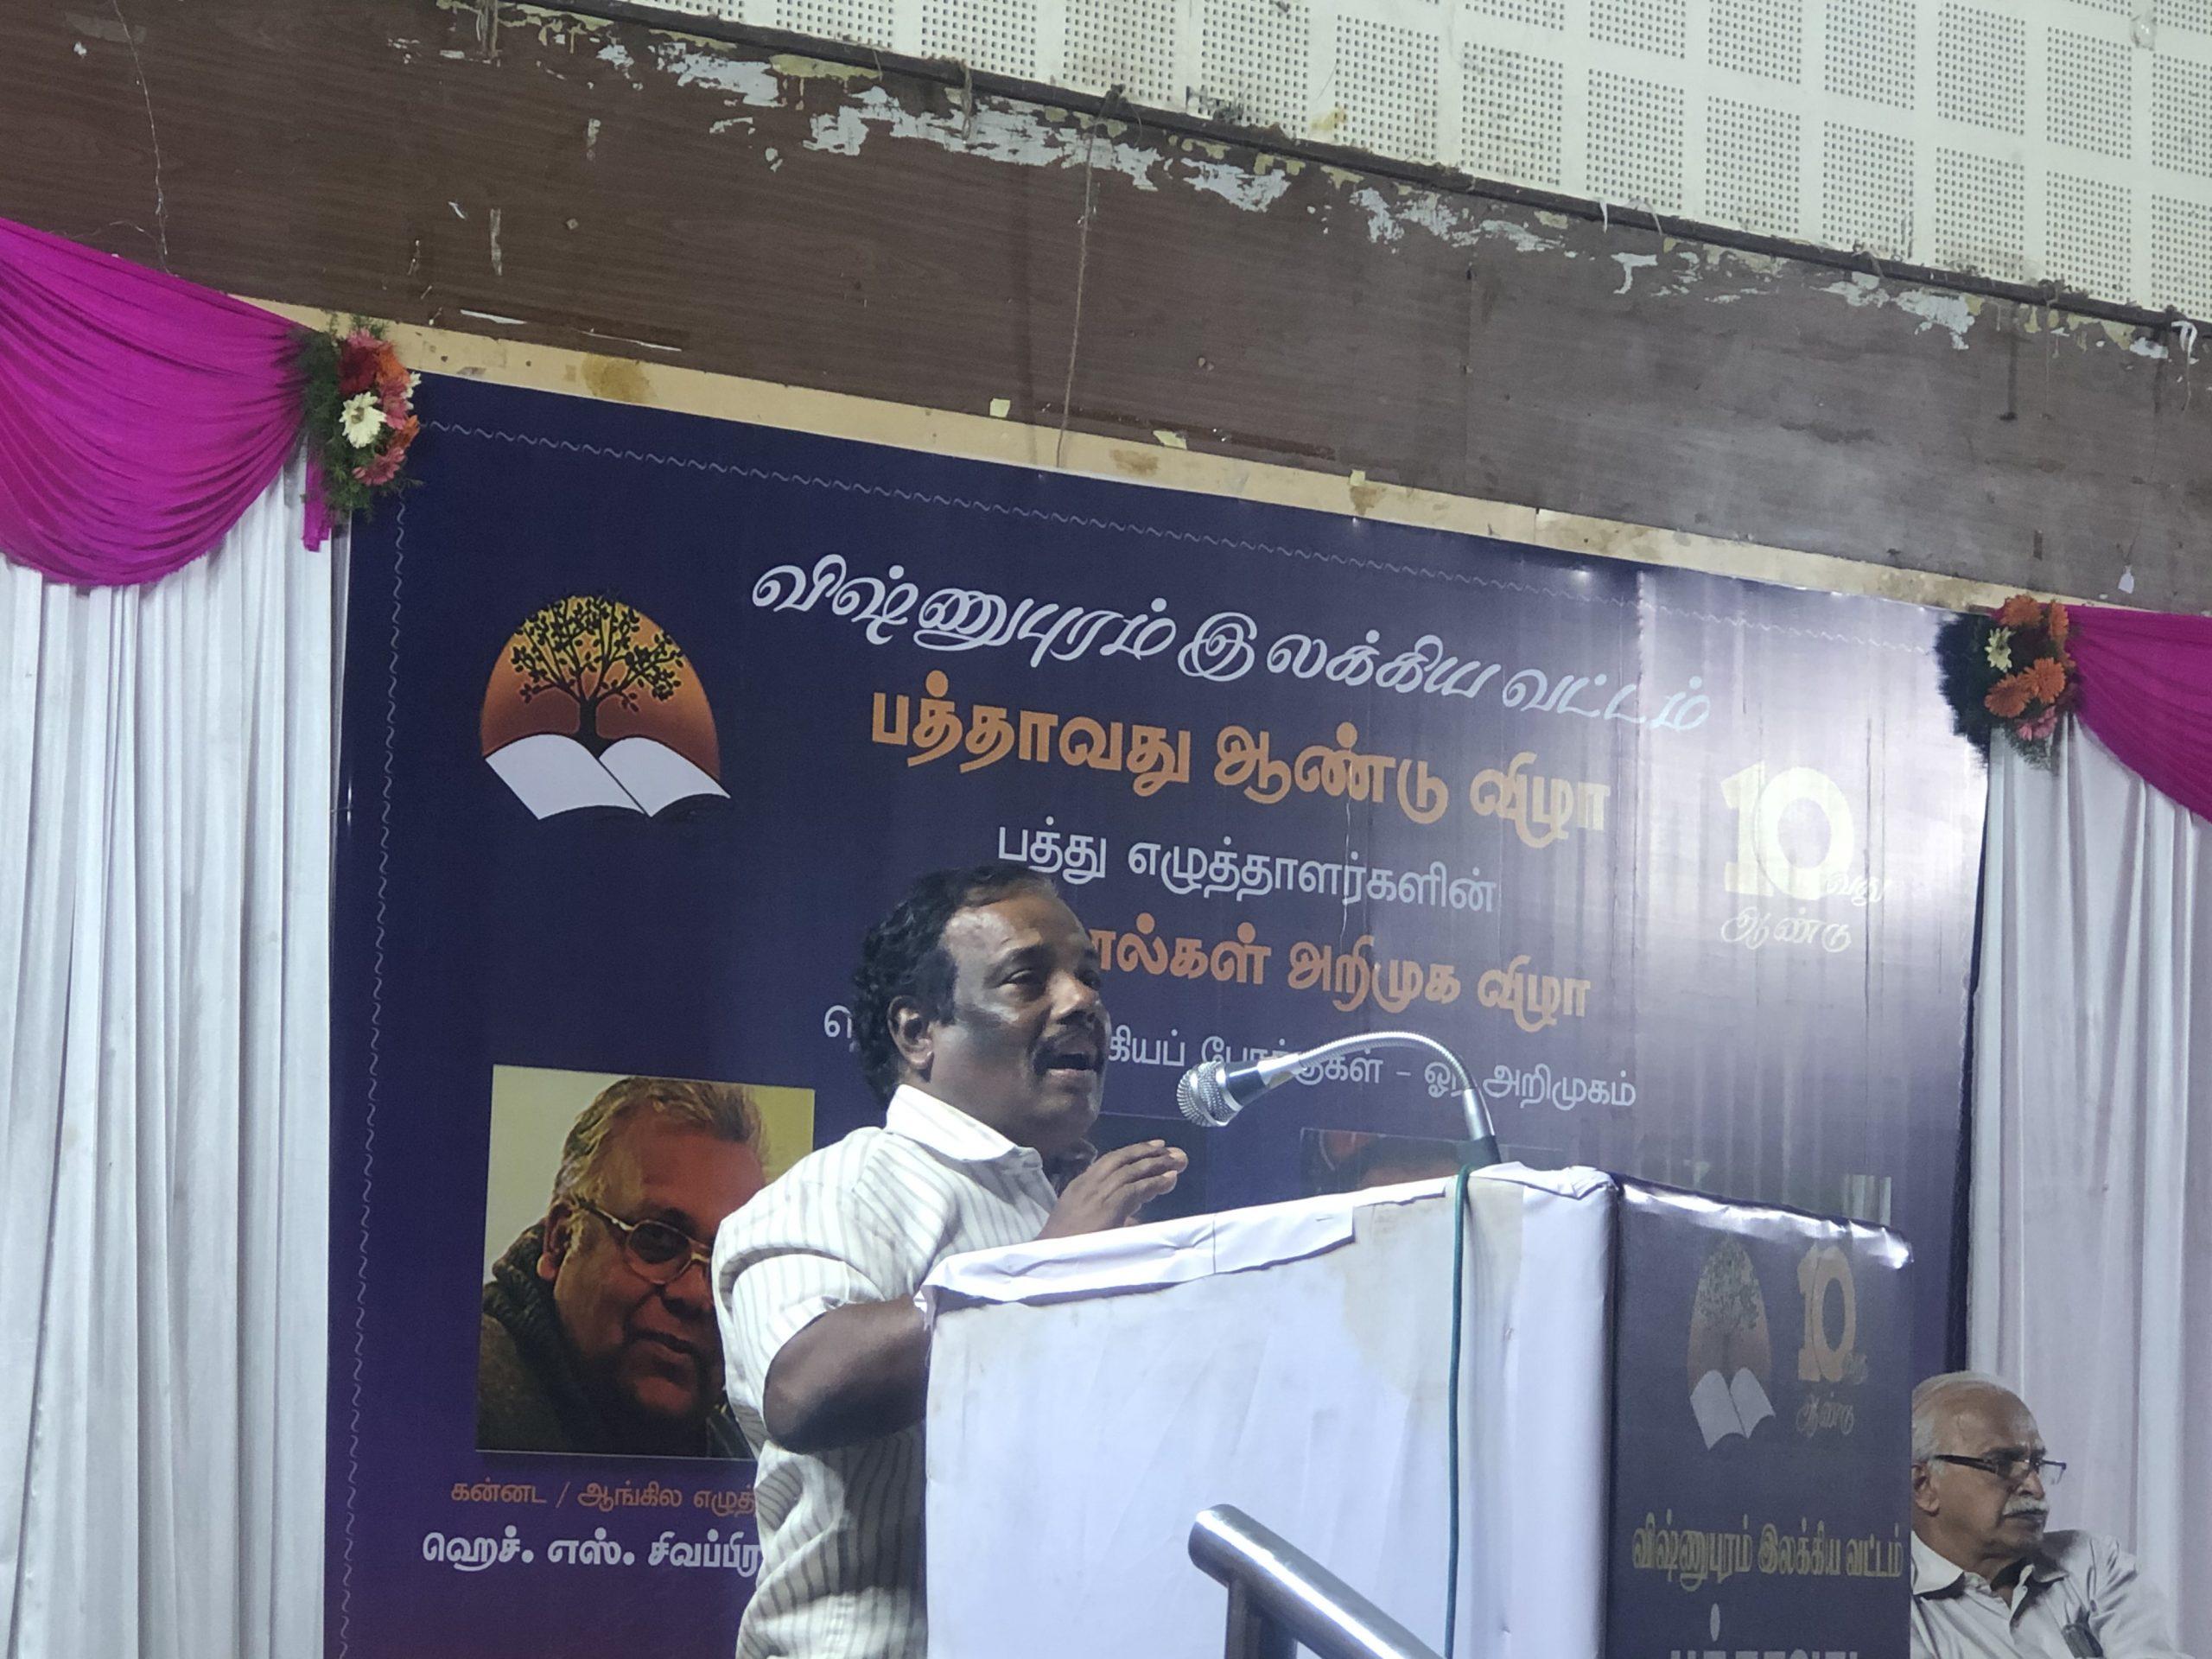 su venugopal speech at vishnupuram 10 years 10 authors